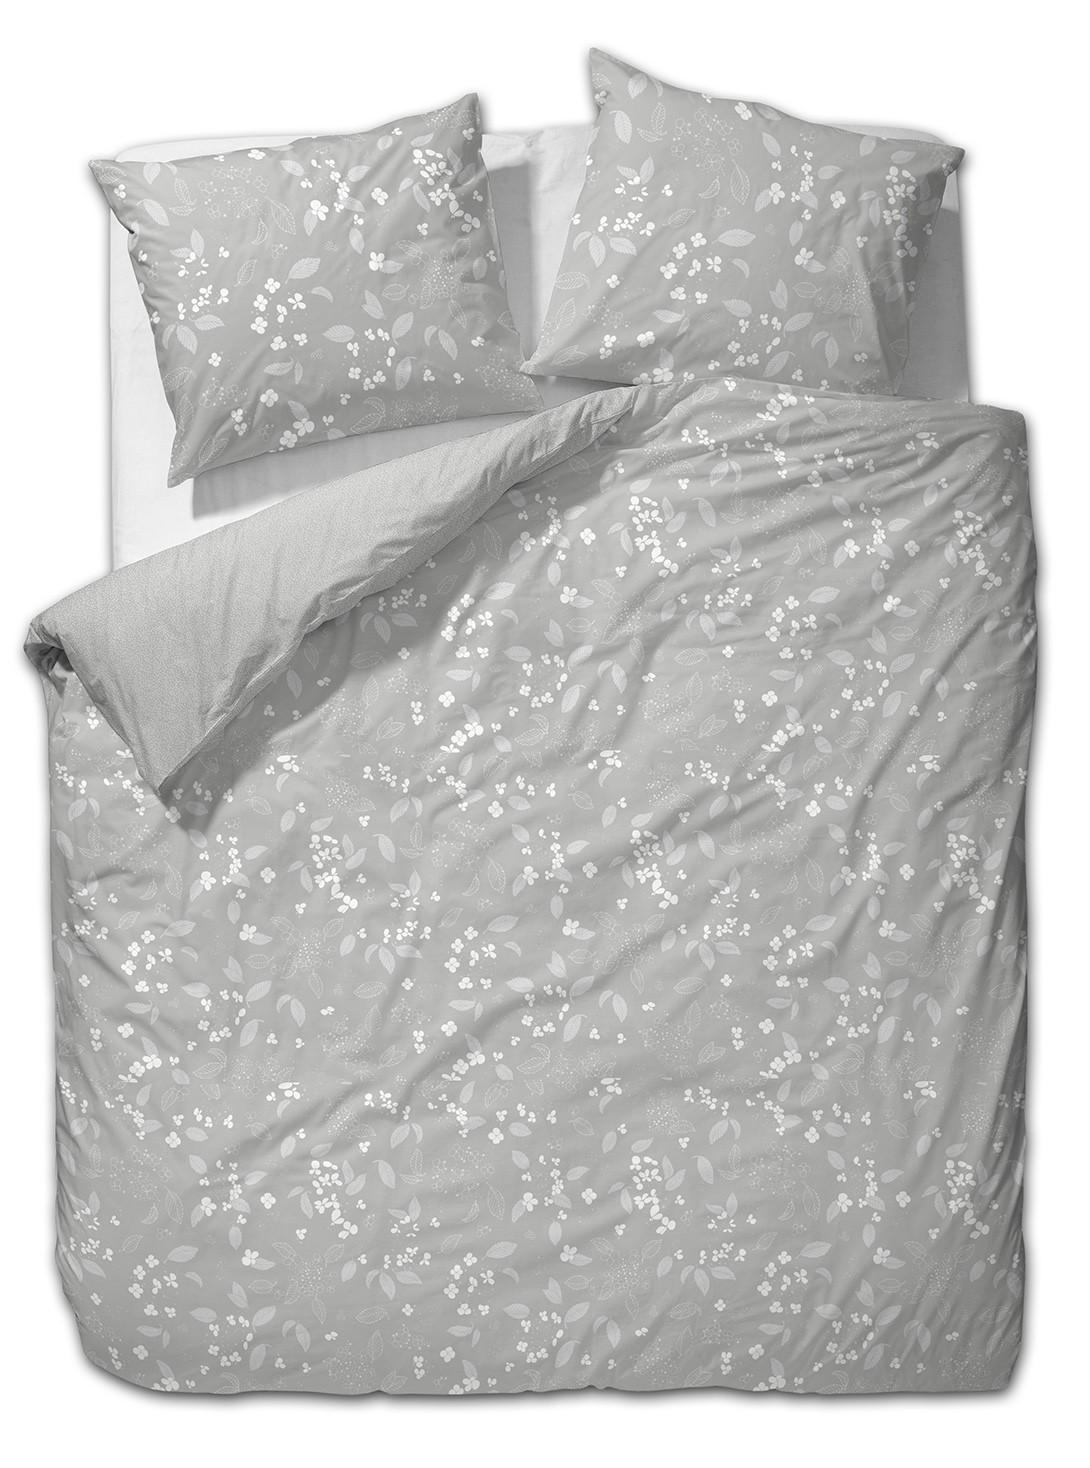 Κουβερλί Υπέρδιπλο Vesta Living Julia 2 home   κρεβατοκάμαρα   κουβερλί   κουβερλί υπέρδιπλα